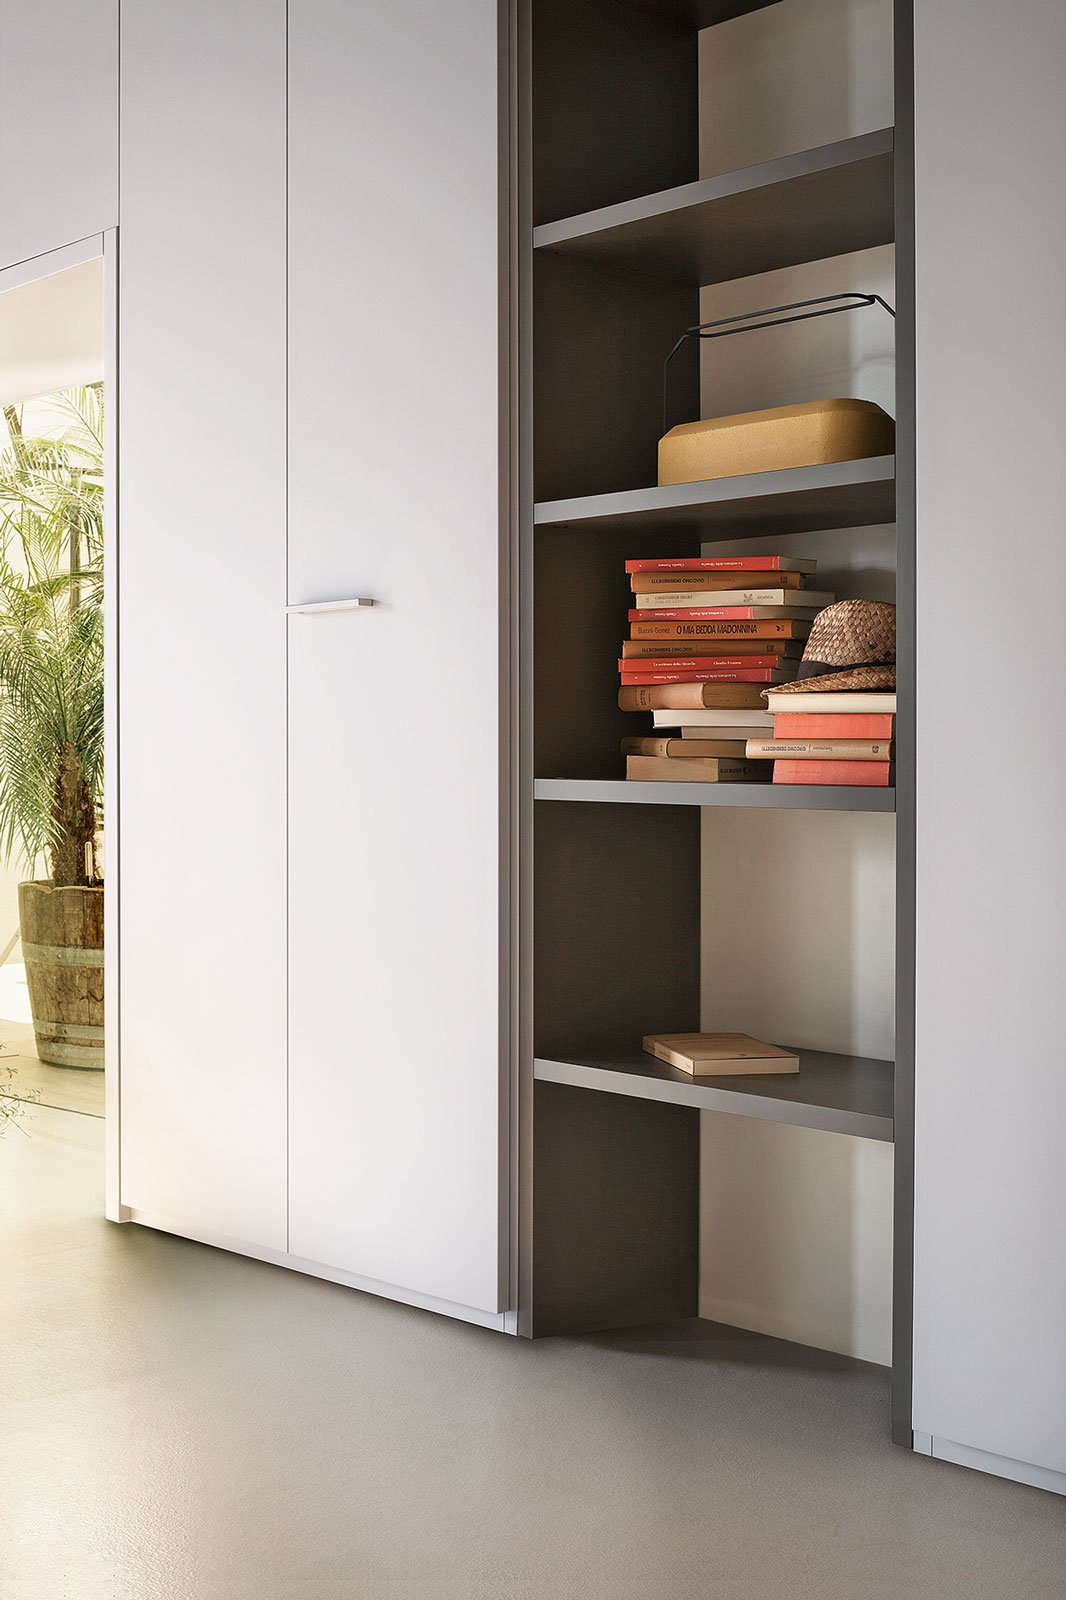 Cose di casa arredamento casa cucine camere bagno for Arredamento salvaspazio mobili multifunzionali